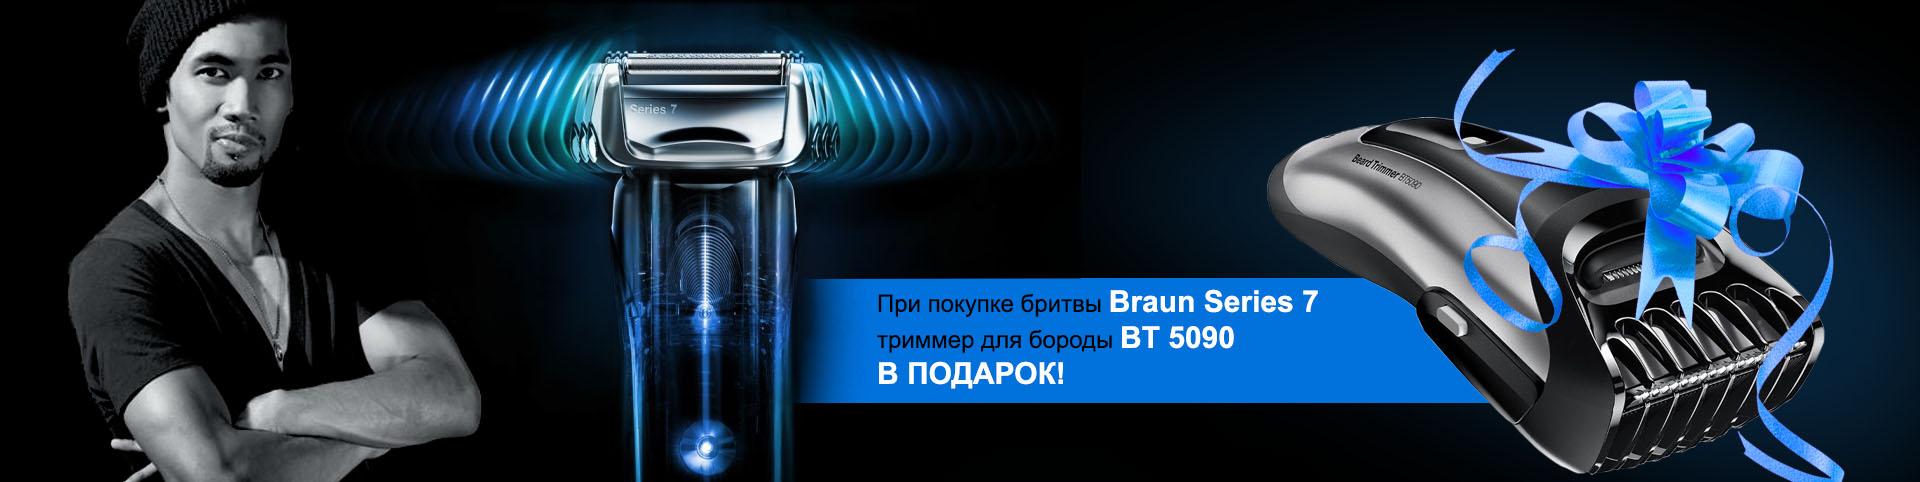 Поздравление на татарском языке парню